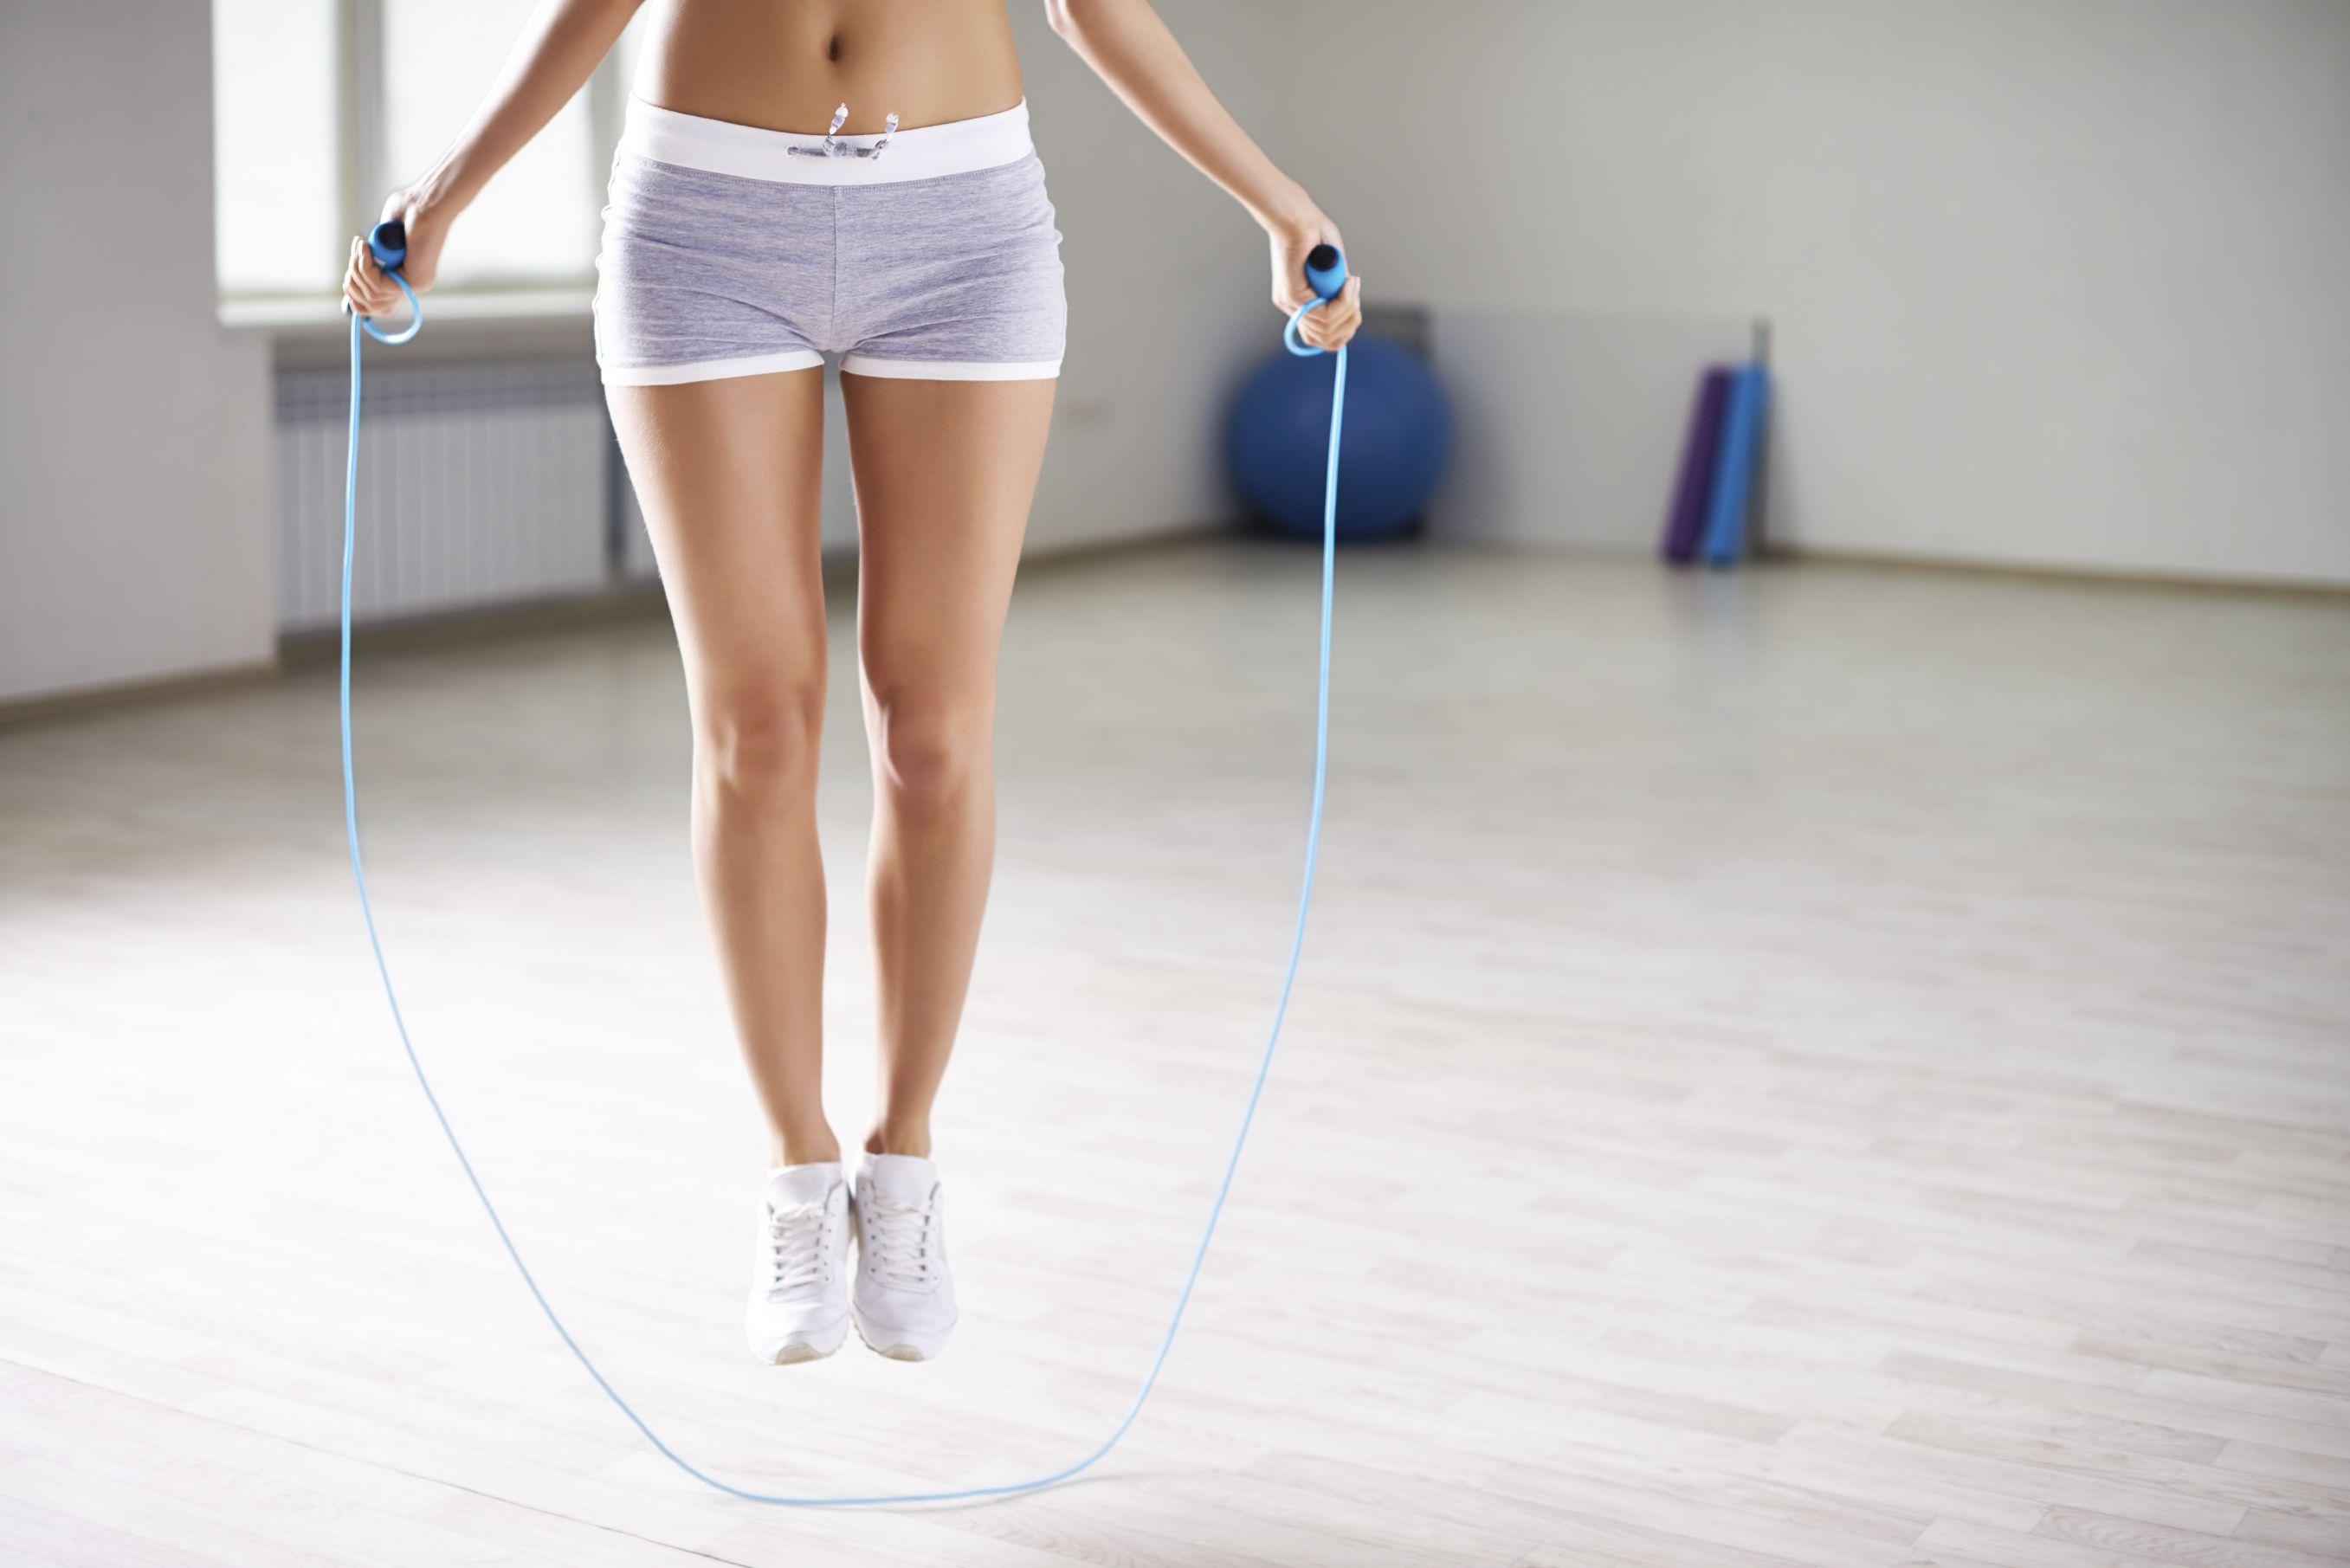 fitness - skákanie cez švihadlo - urinálne problémy